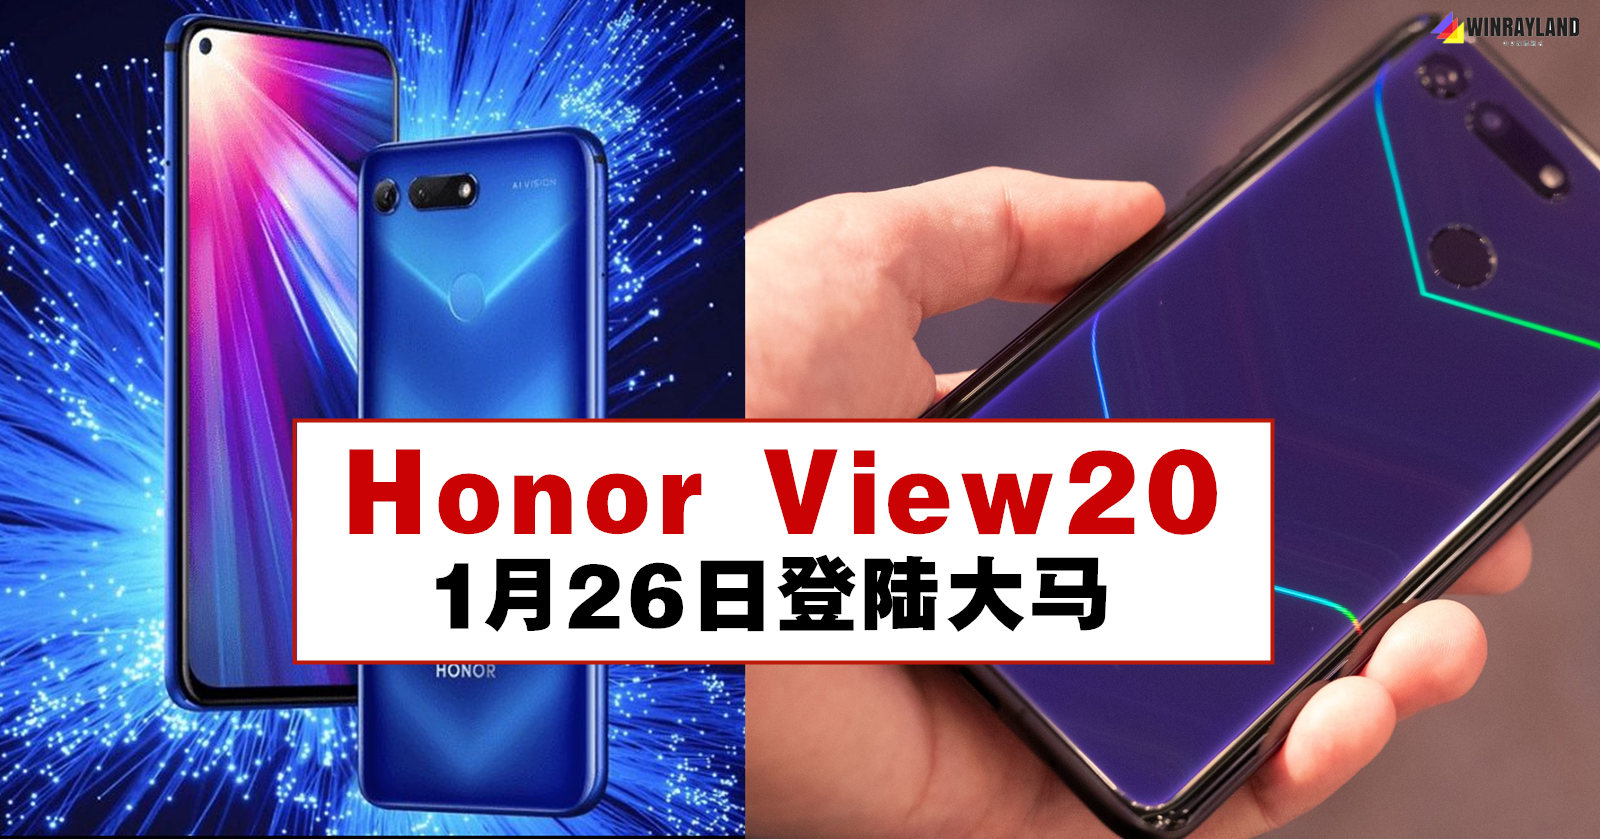 Honor V20将于1月26日登陆大马